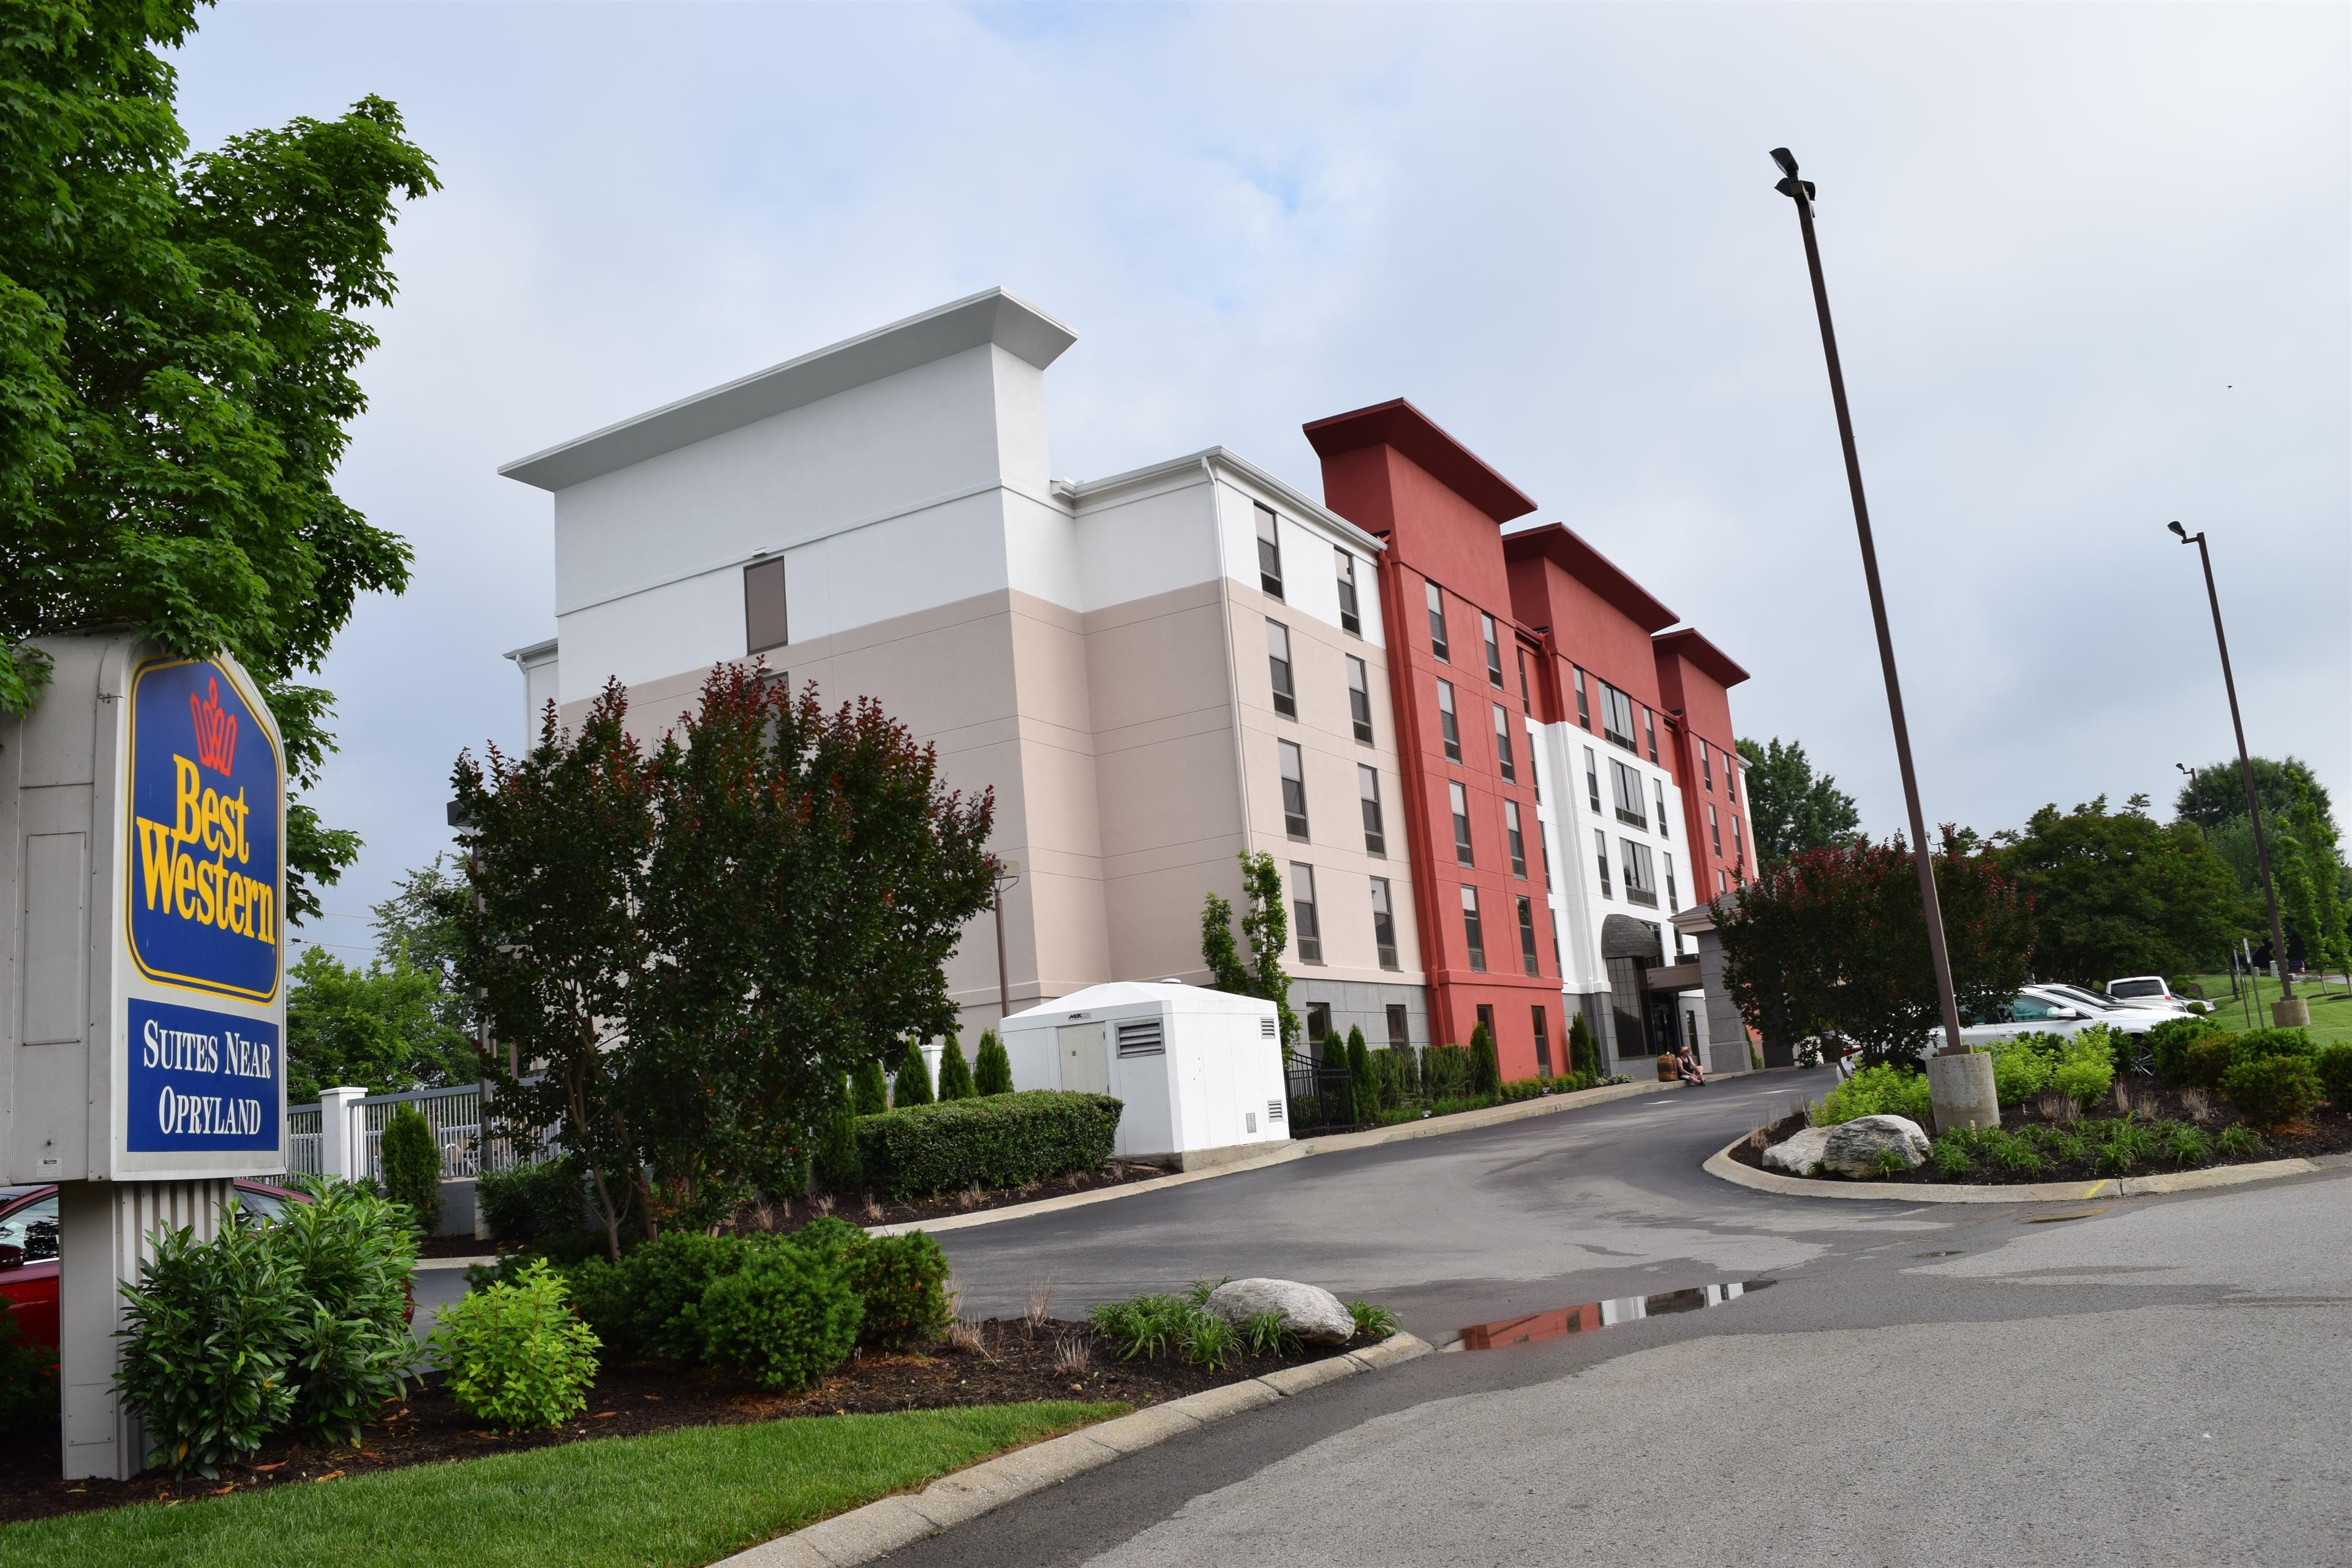 Best Western Suites Near Opryland in Nashville, TN - (615 ...